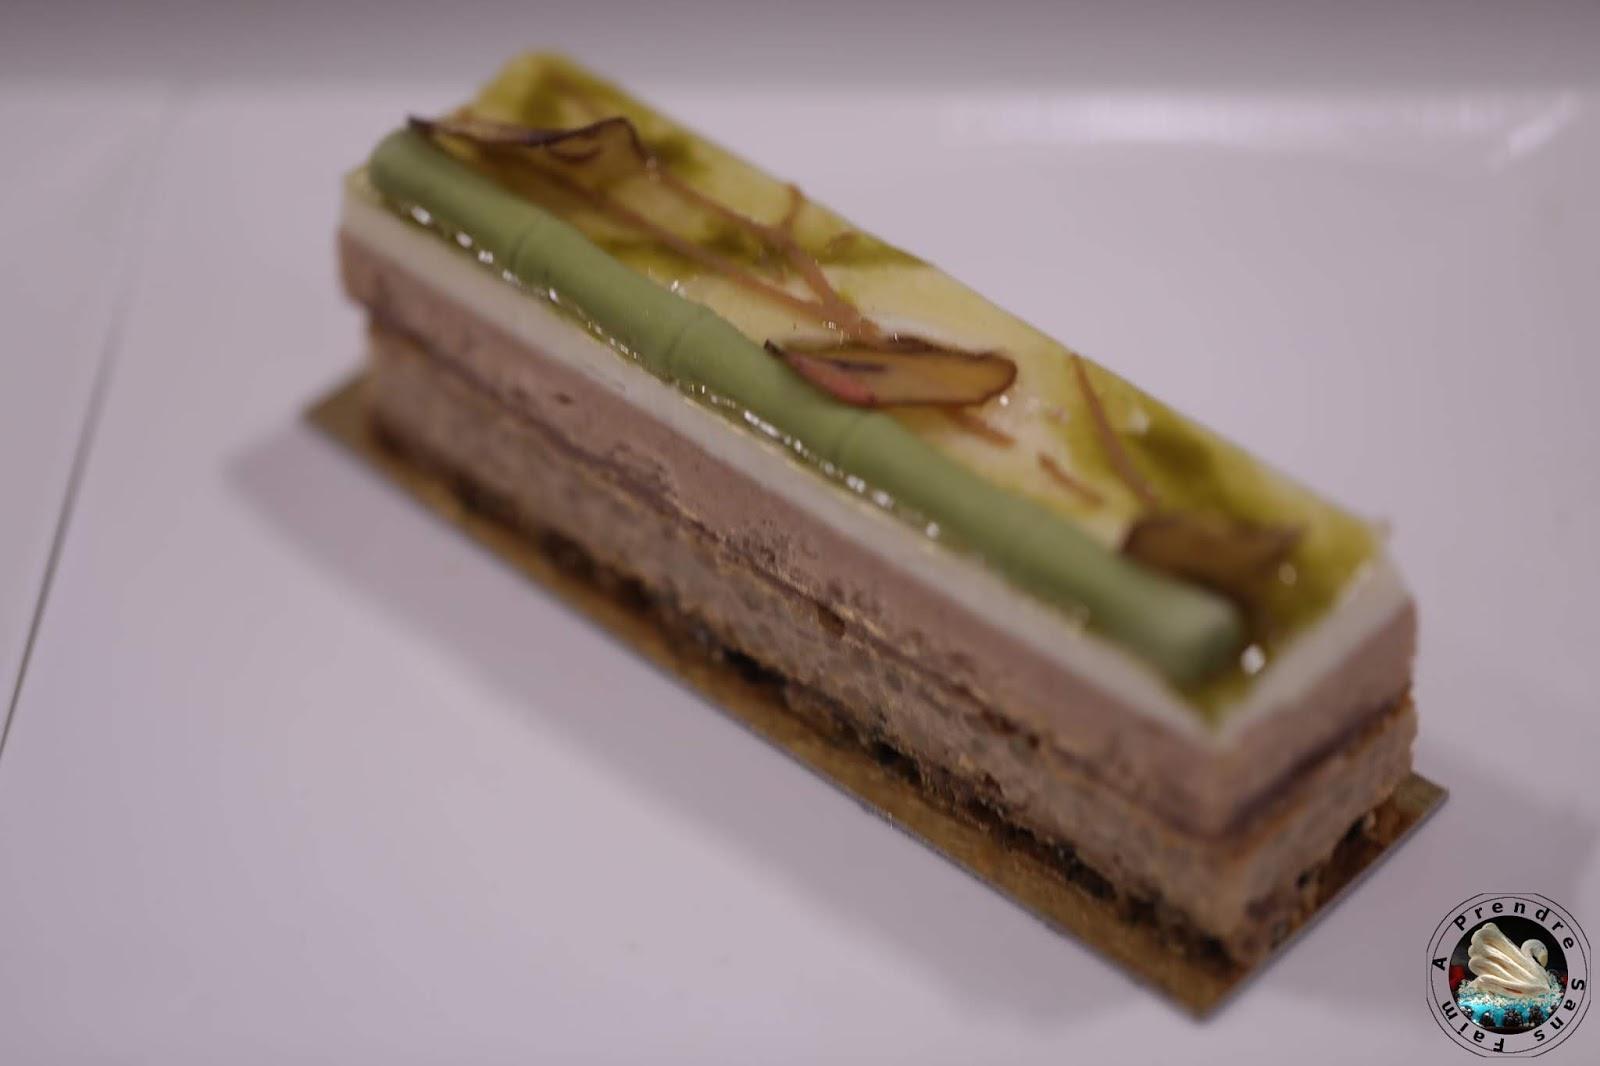 Concours Relais Desserts Charles Proust au Salon du Chocolat 2018